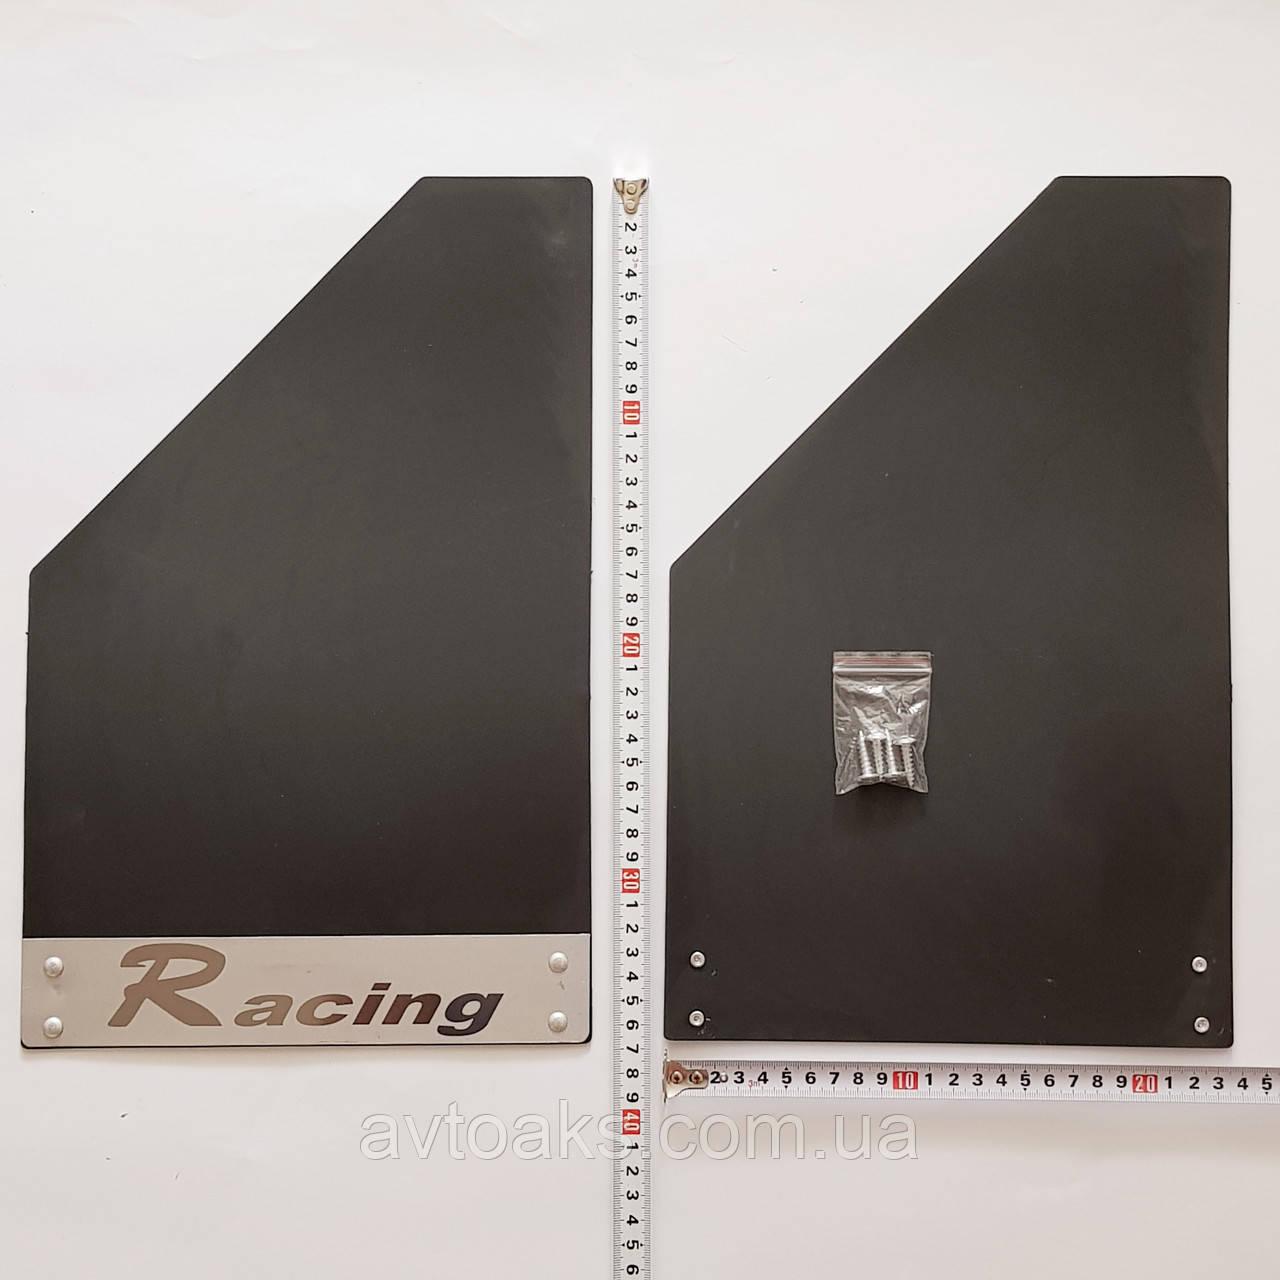 Брызговик тюнинговый, пластиковый, RACING, 370х240 мм. с пластиной